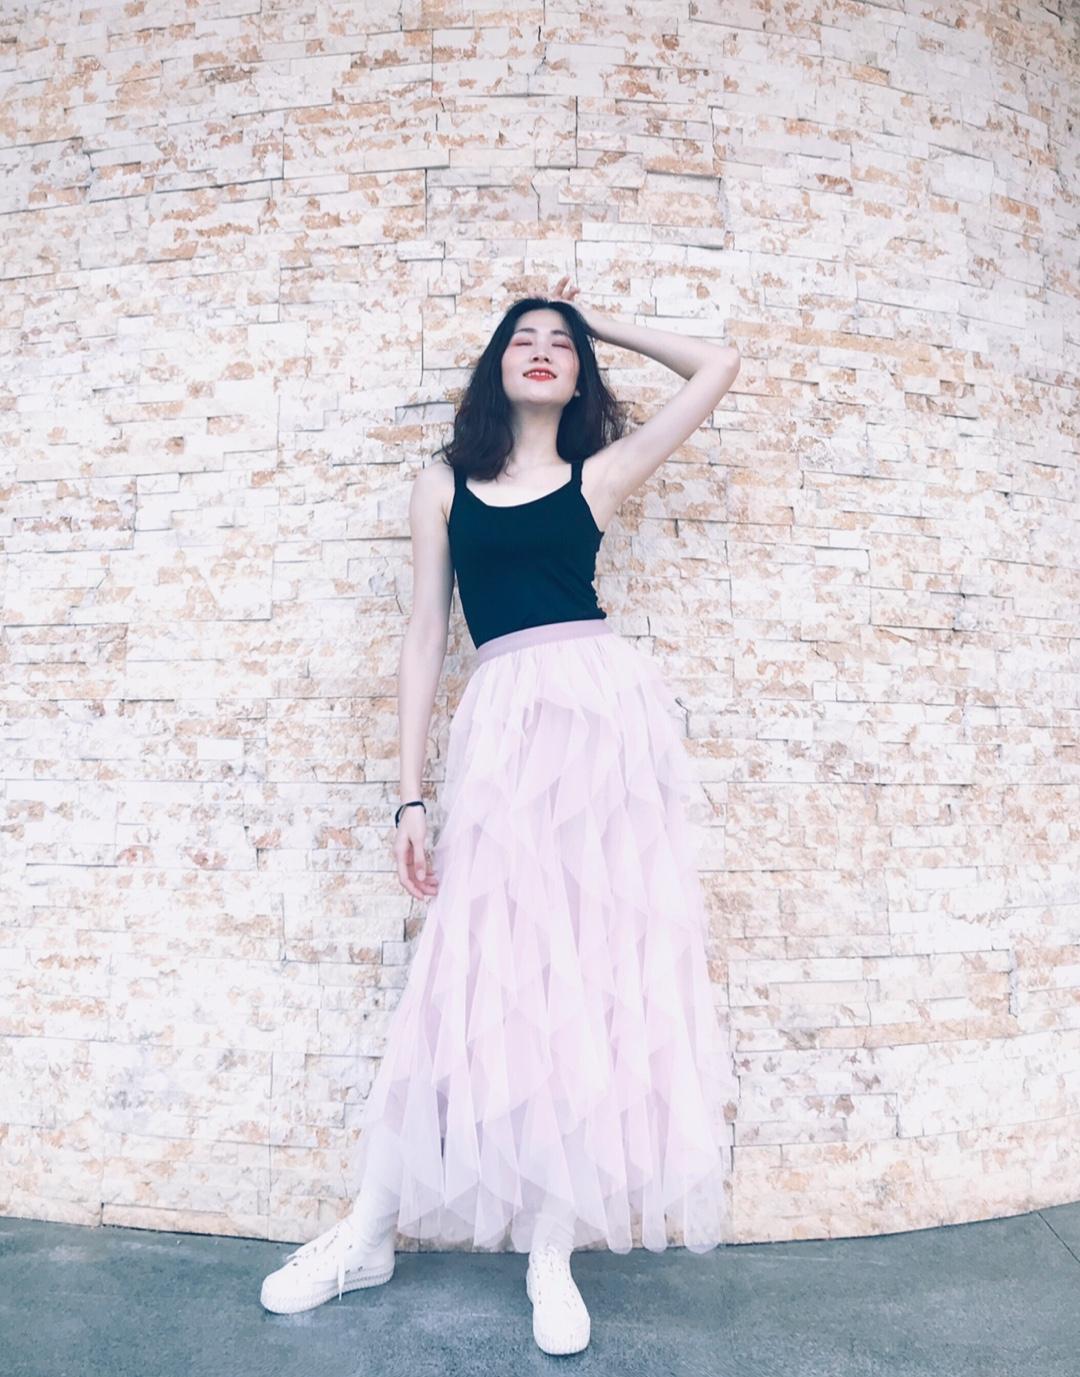 粉色的仙女裙搭配黑色的小背心让这个夏天提前到来了#MOGU STUDIO#重要的是这个夏天来的似乎有些早了不过这个夏天不错的穿搭